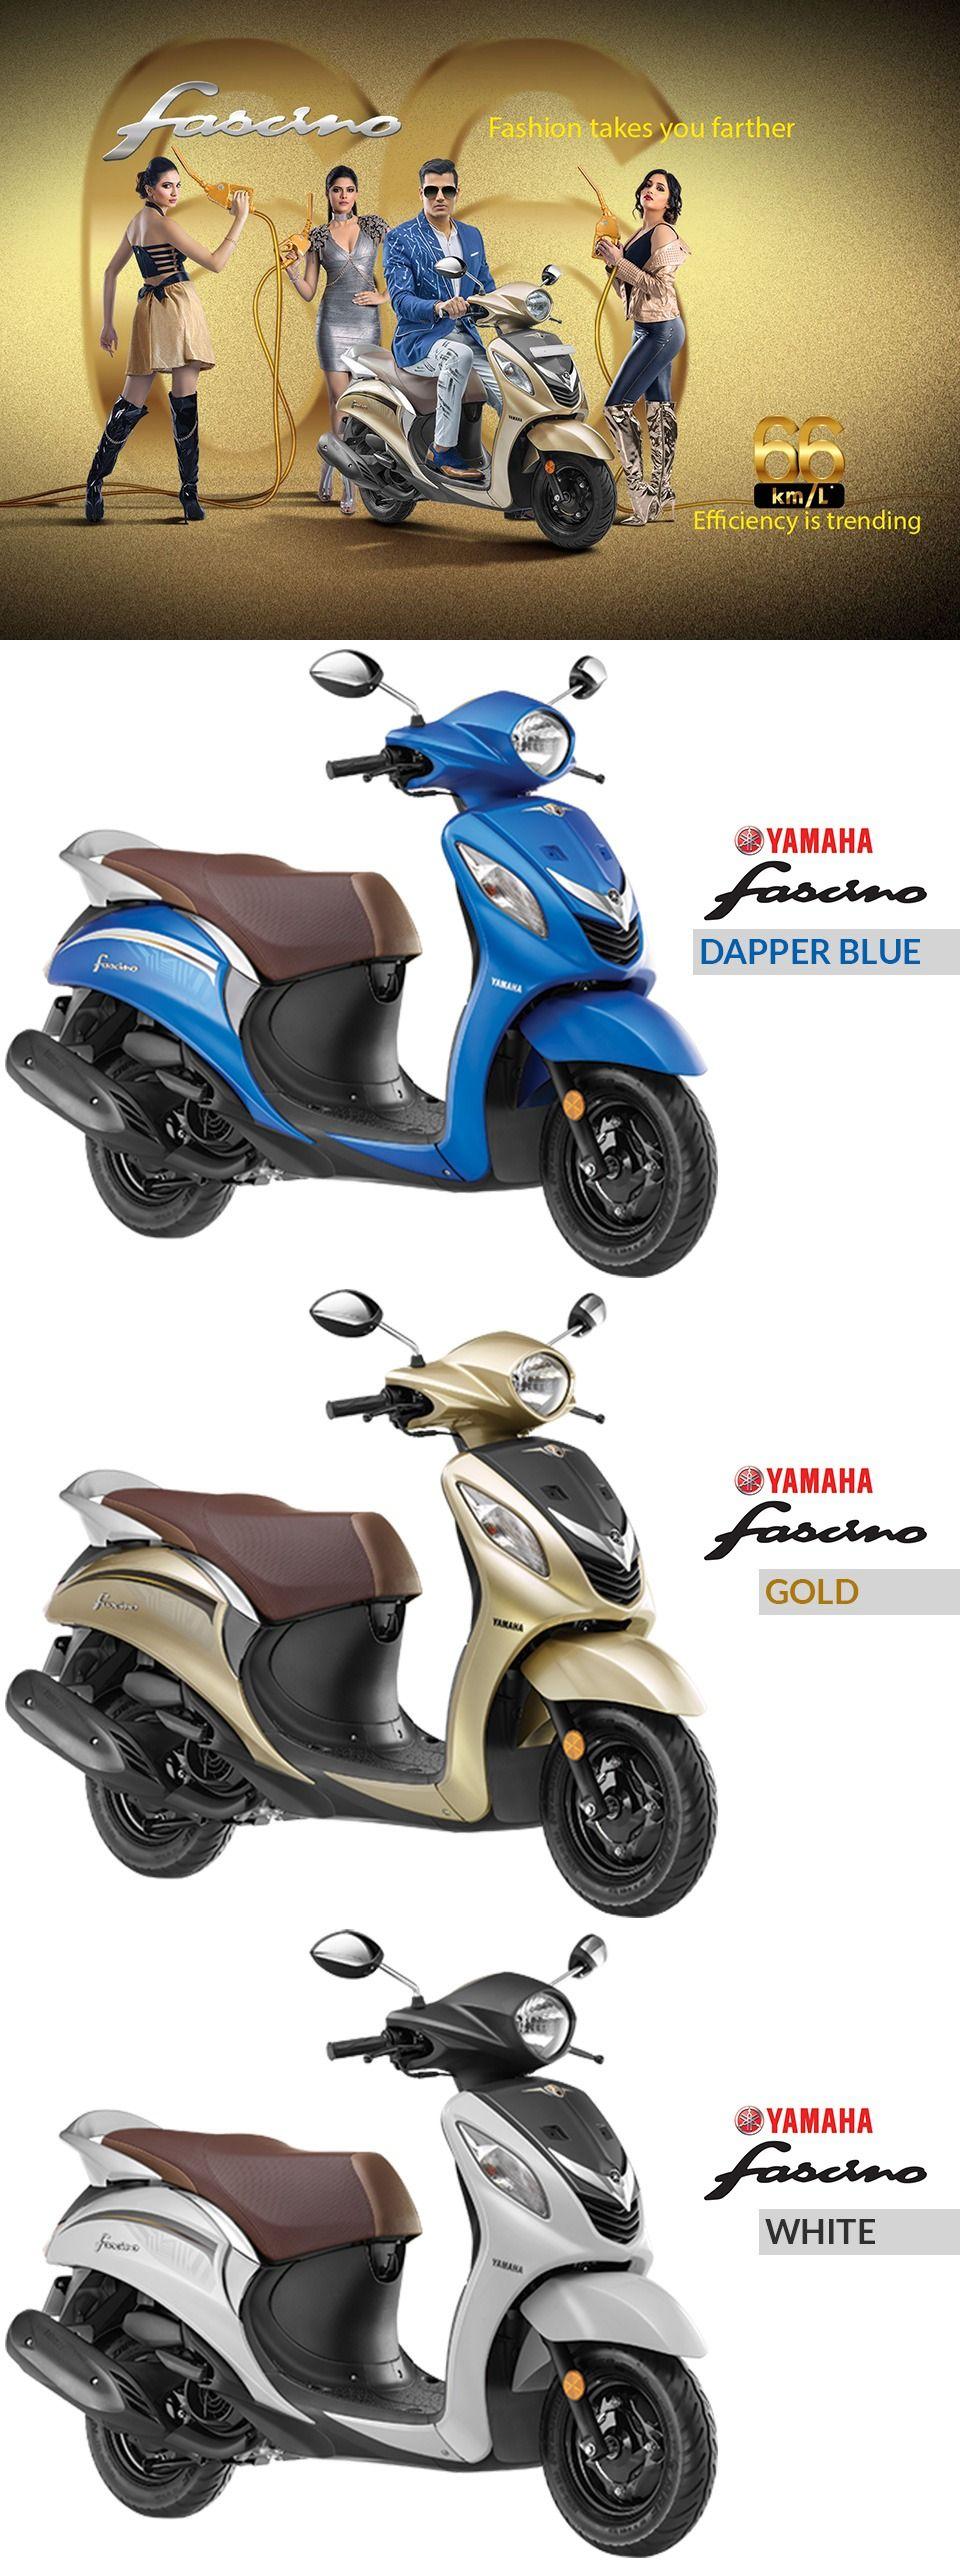 Yamaha Fascino Model Power Mileage Safety Colors Yamaha